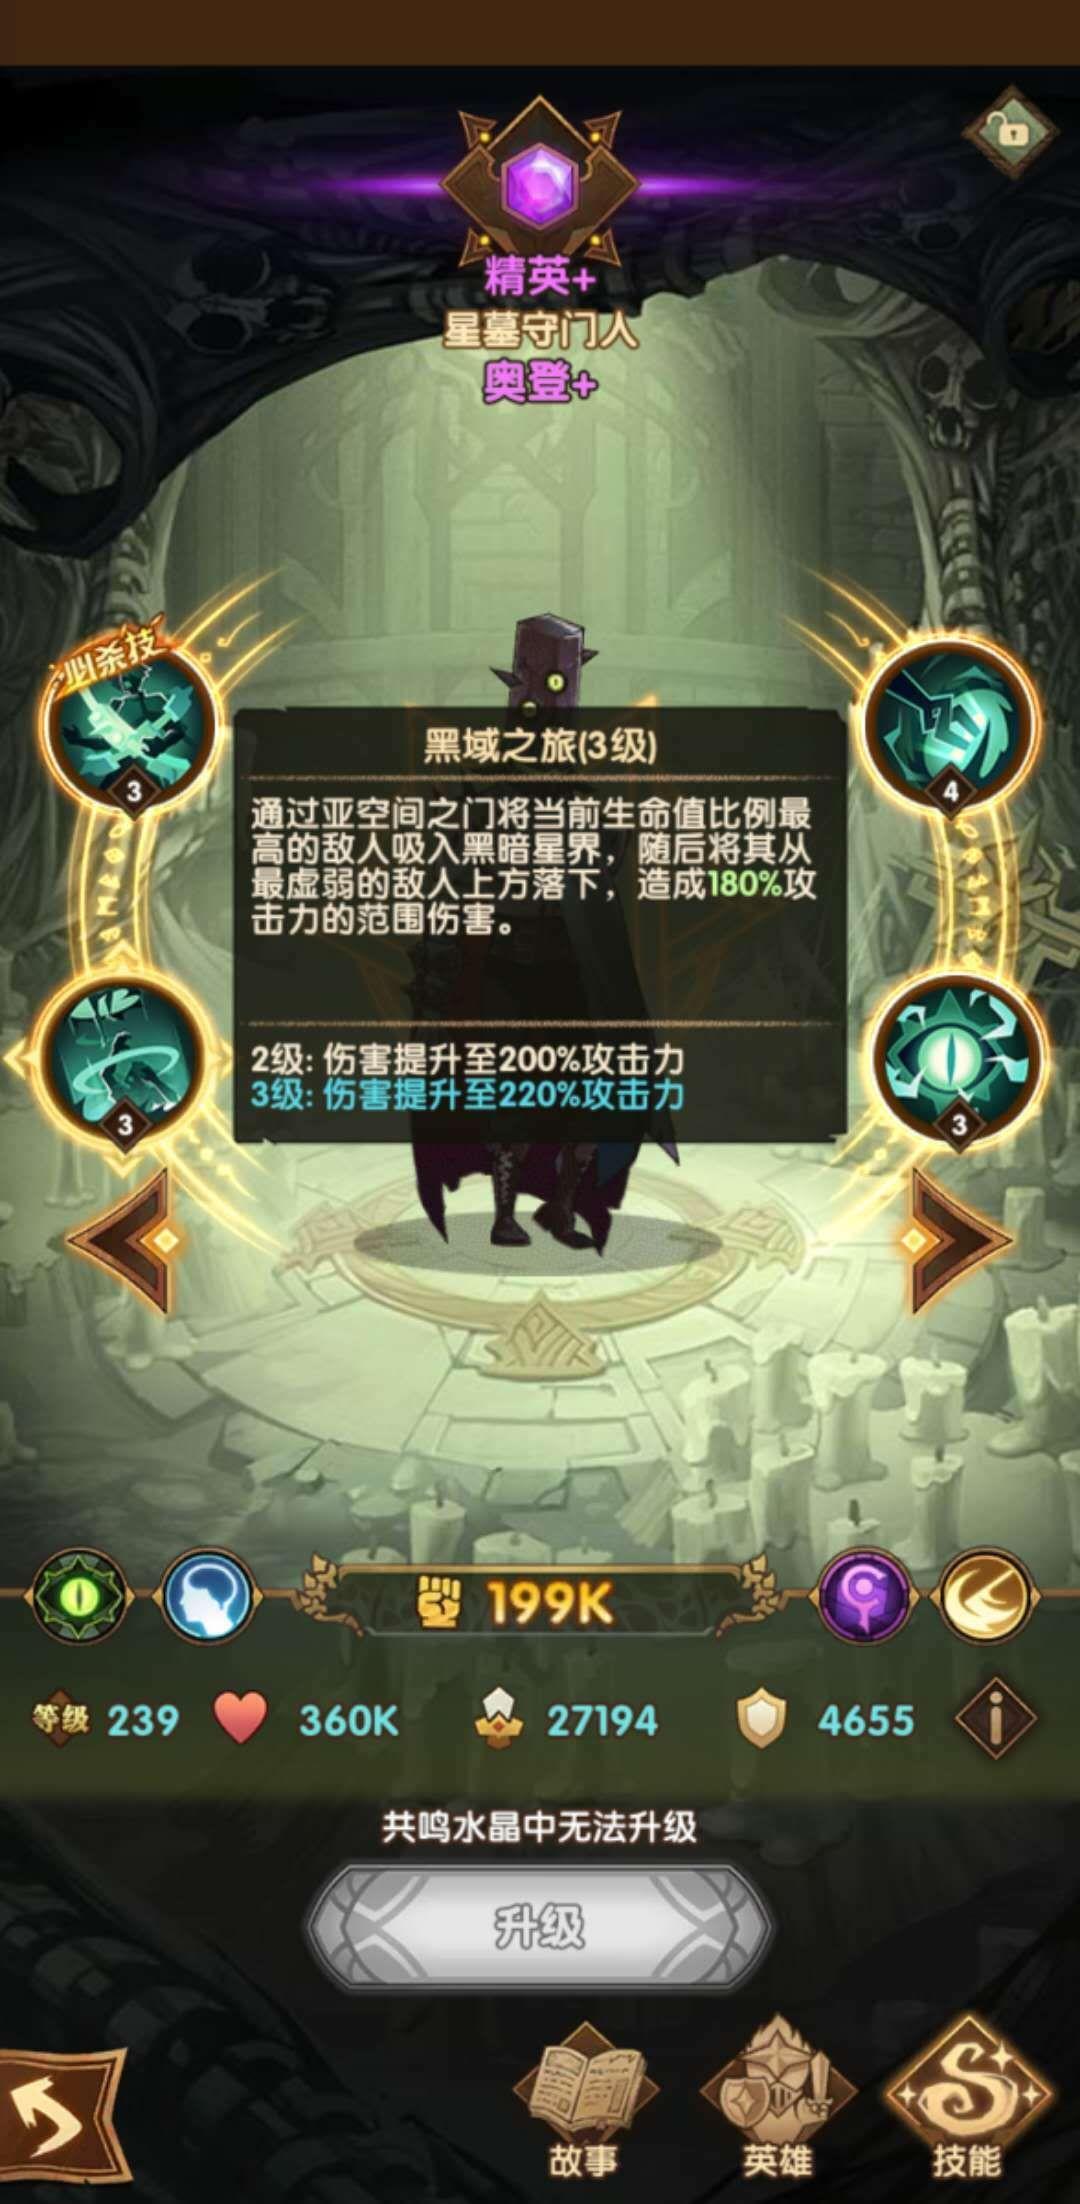 劍與遠征零氪黨怎么玩龍弓?平民玩龍弓方法[視頻][多圖]圖片2